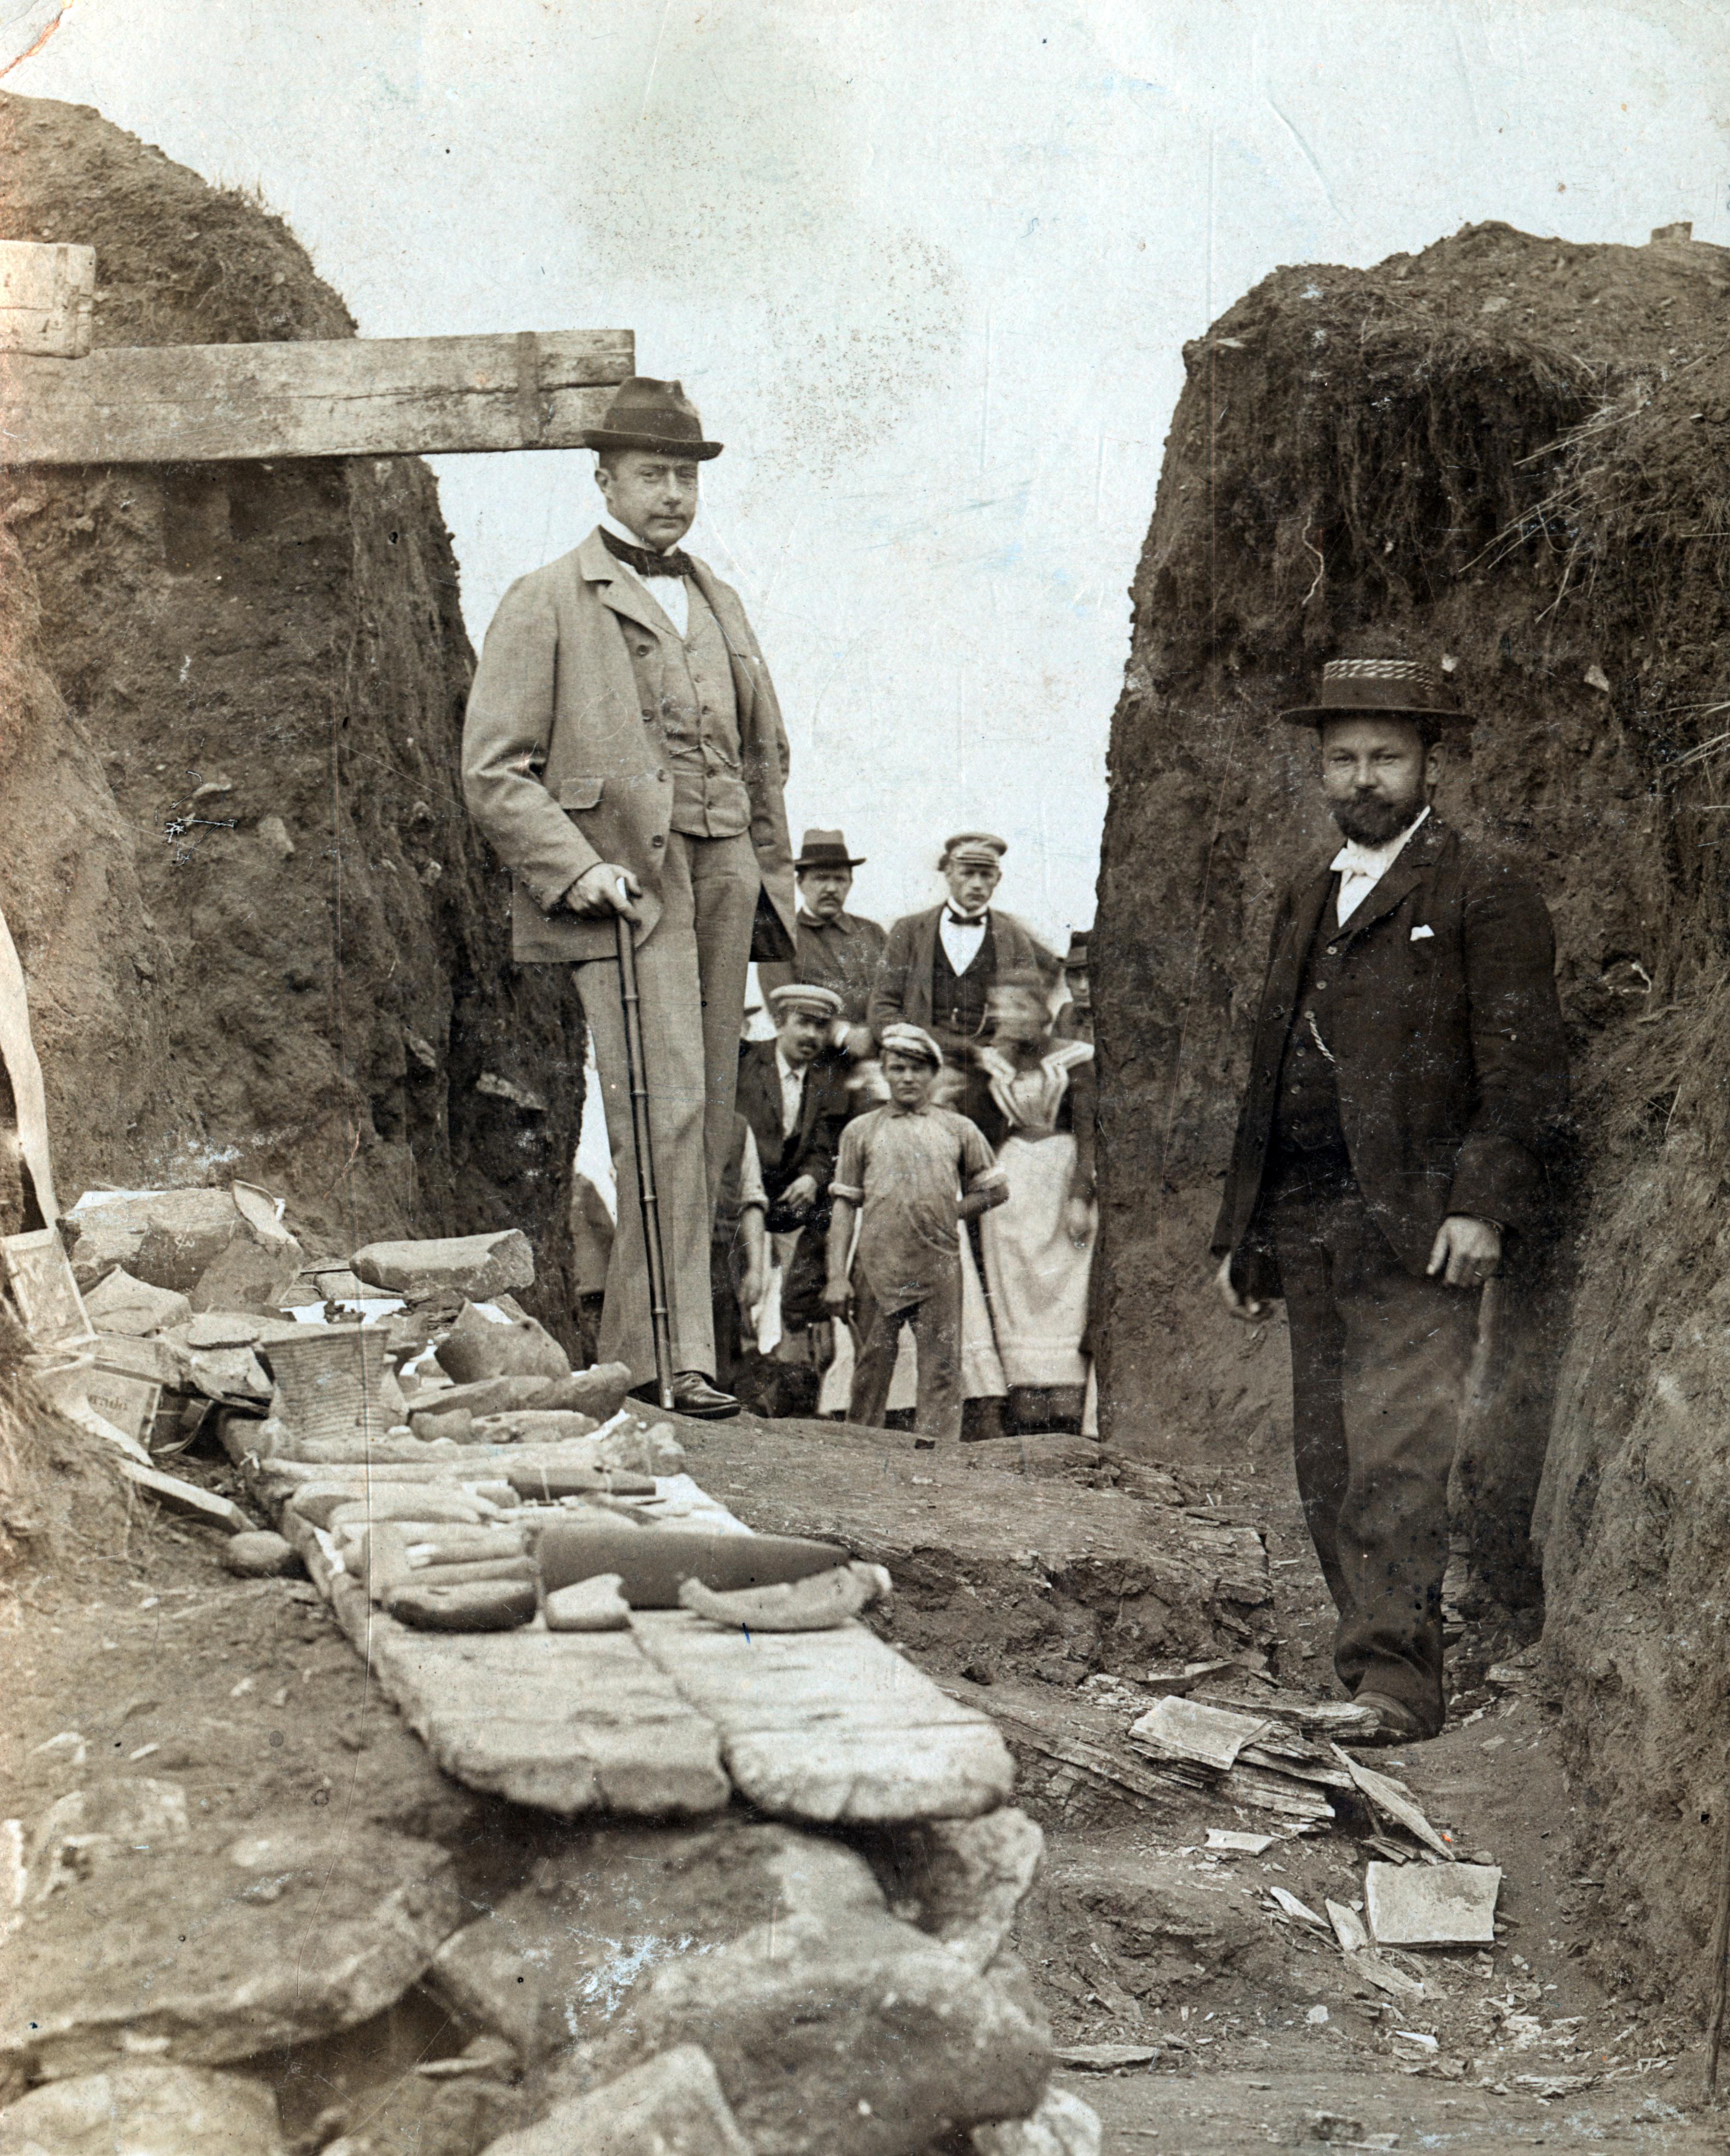 Historisches Foto, zwei Herren neben Funden, vor einem Grabhügel, dazu Zuschauer